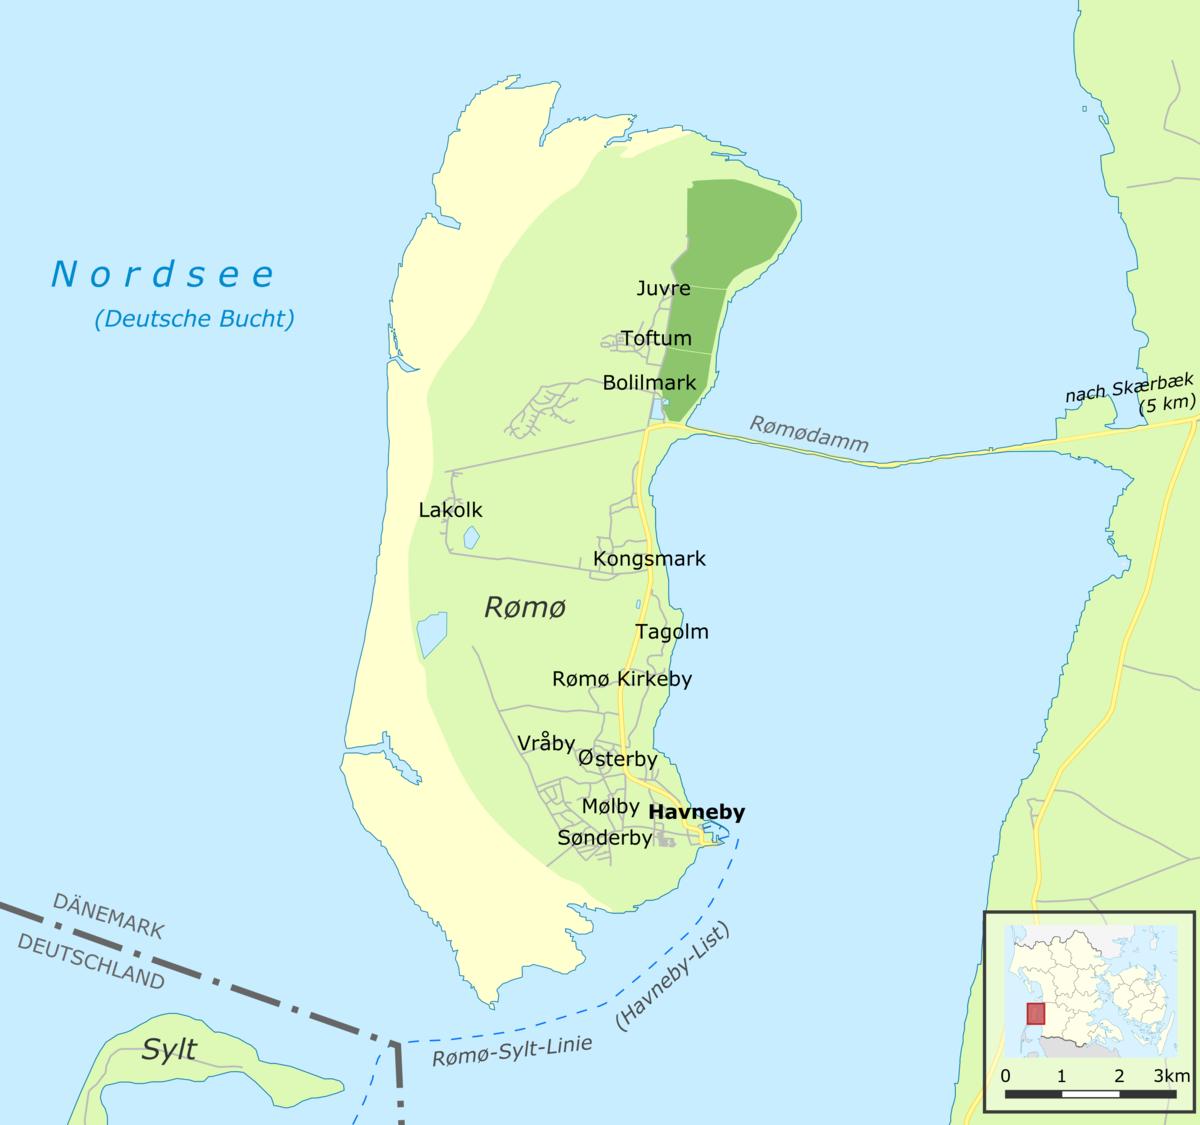 Karte Schweden Dänemark Deutschland.Rømø Wikipedia